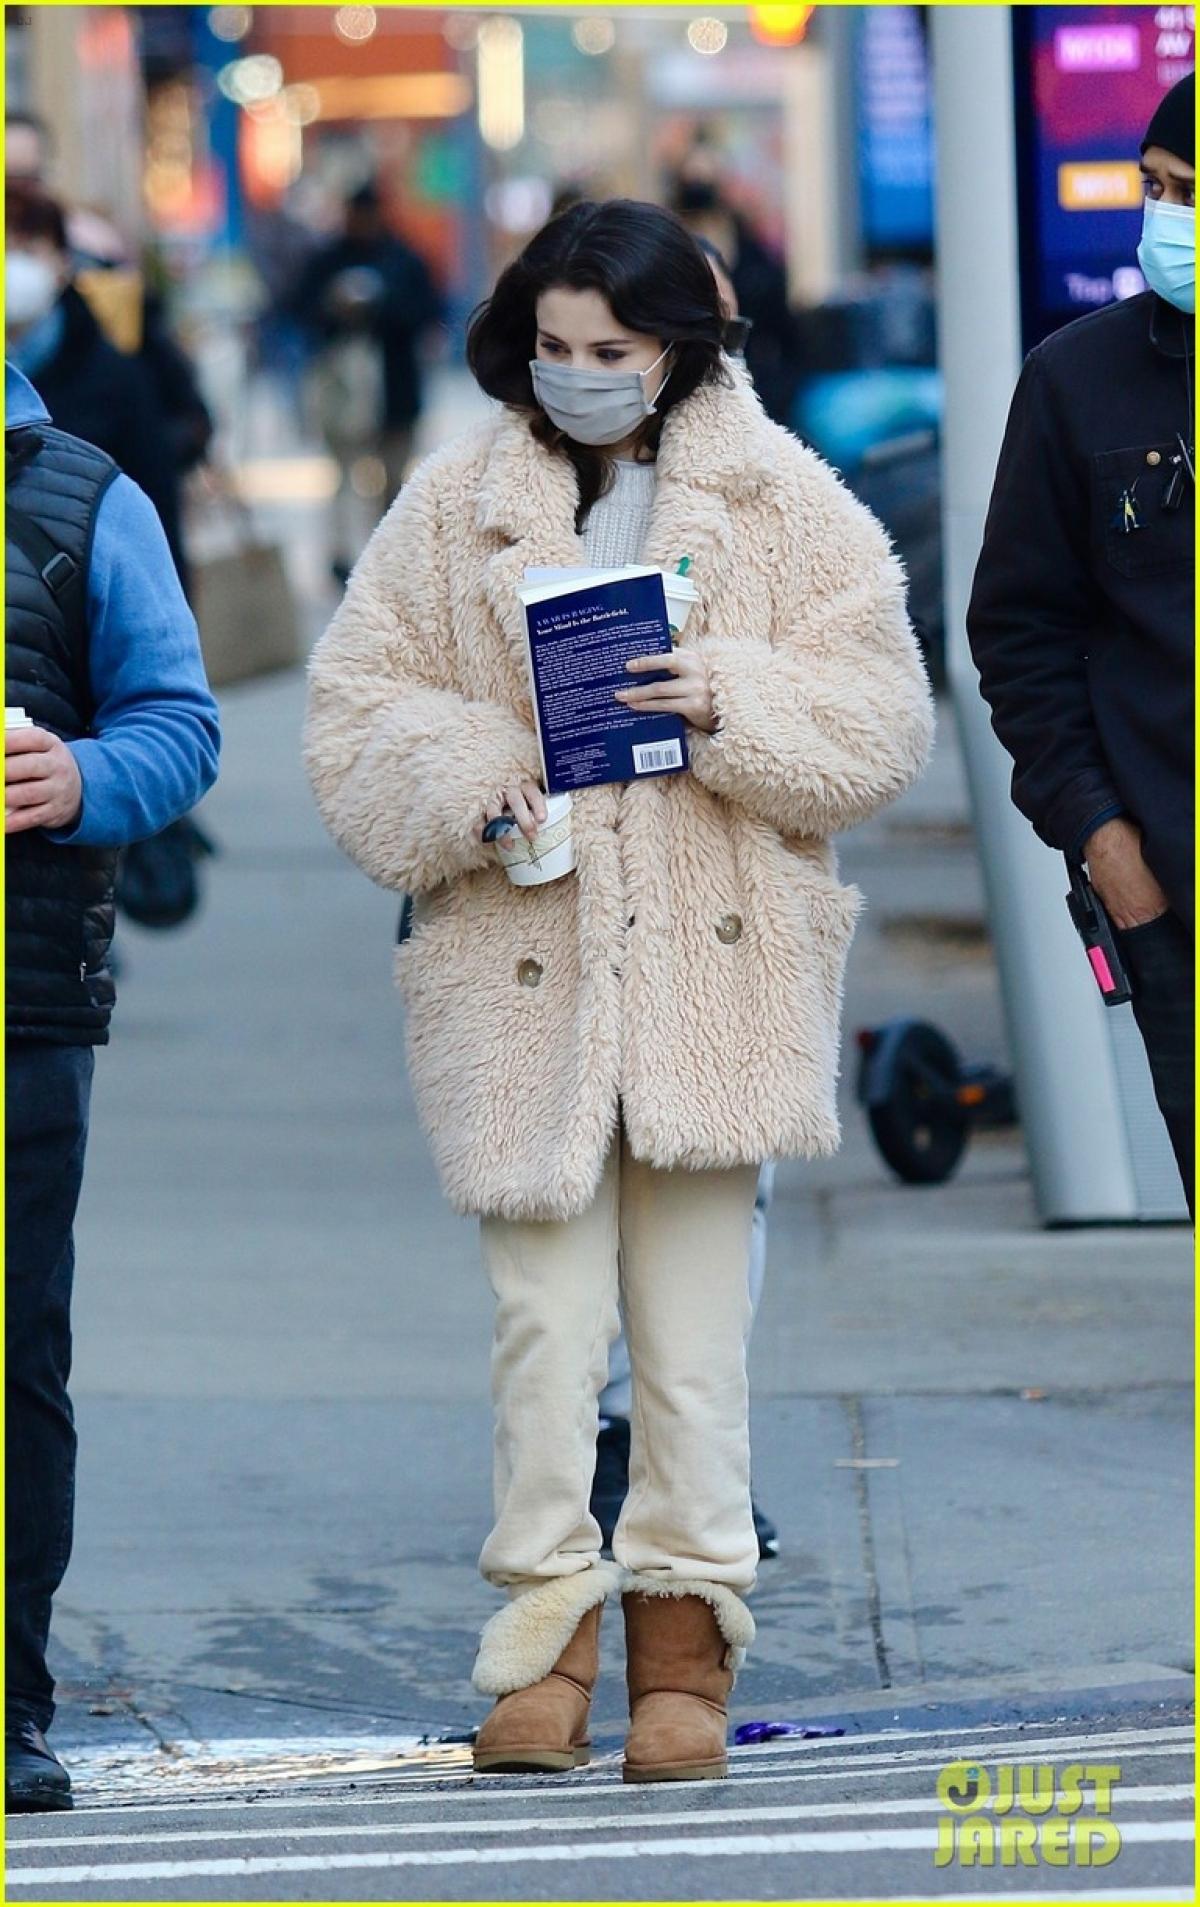 """Selena Gomez xuất hiện ấn tượng trên phim trường """"Hulu's Only Murders in the Building"""" ở New York."""